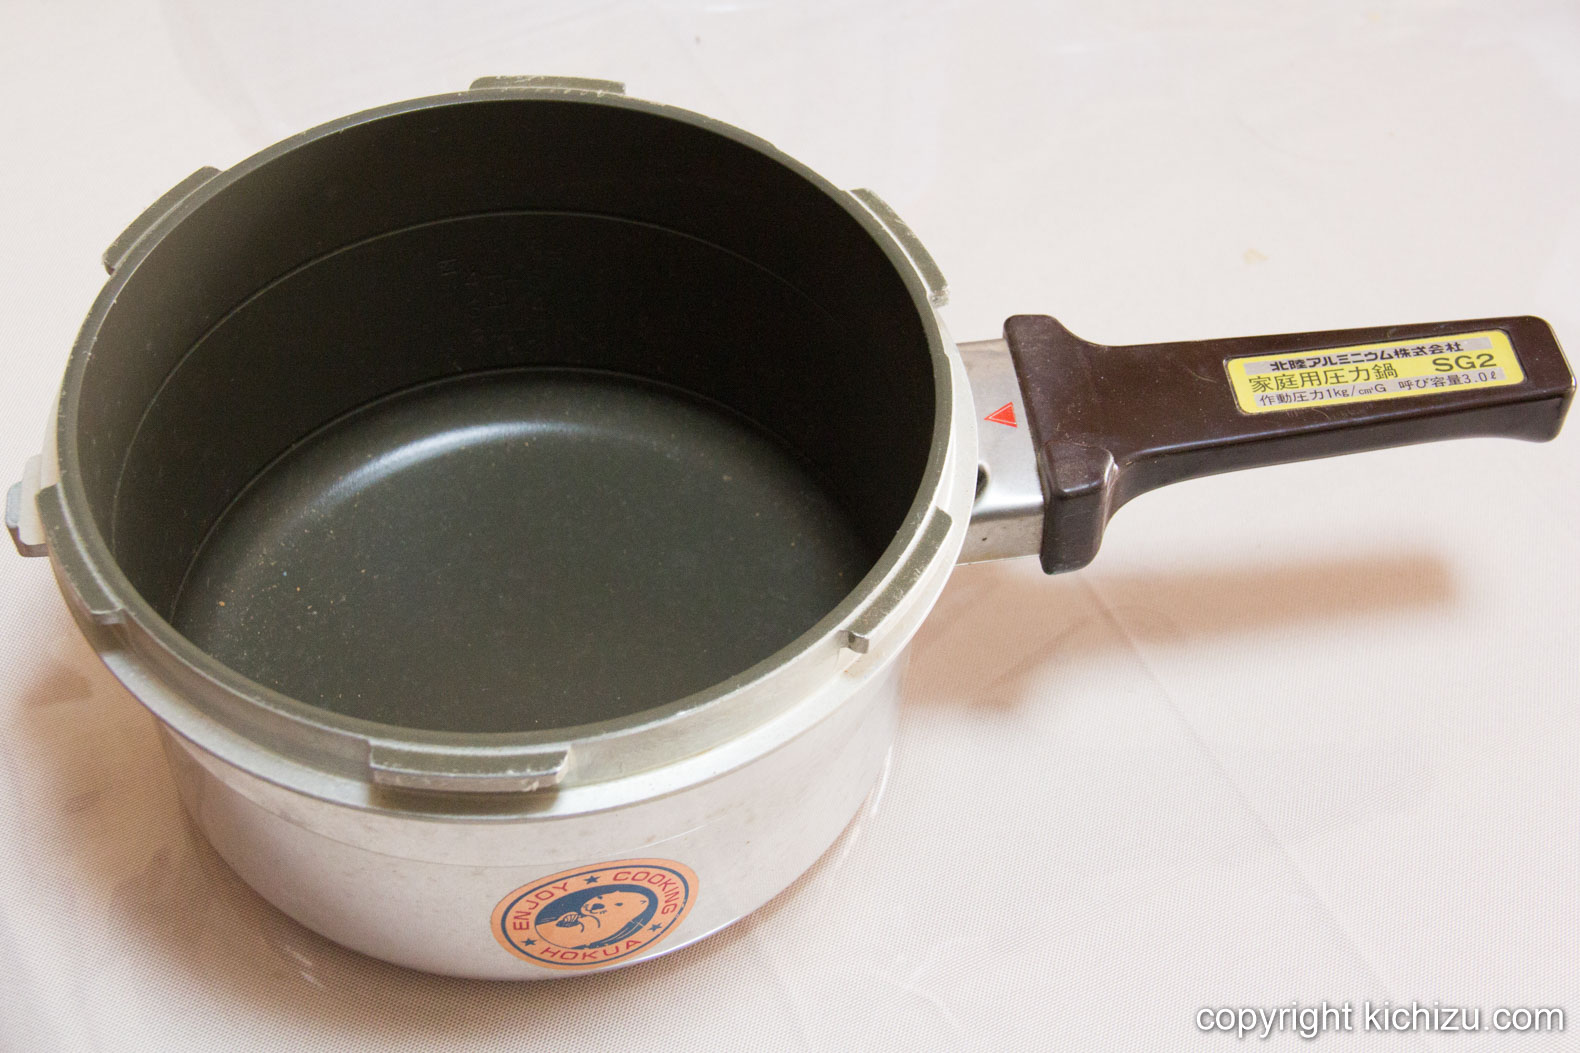 北陸アルミニウム 家庭用圧力鍋SG2